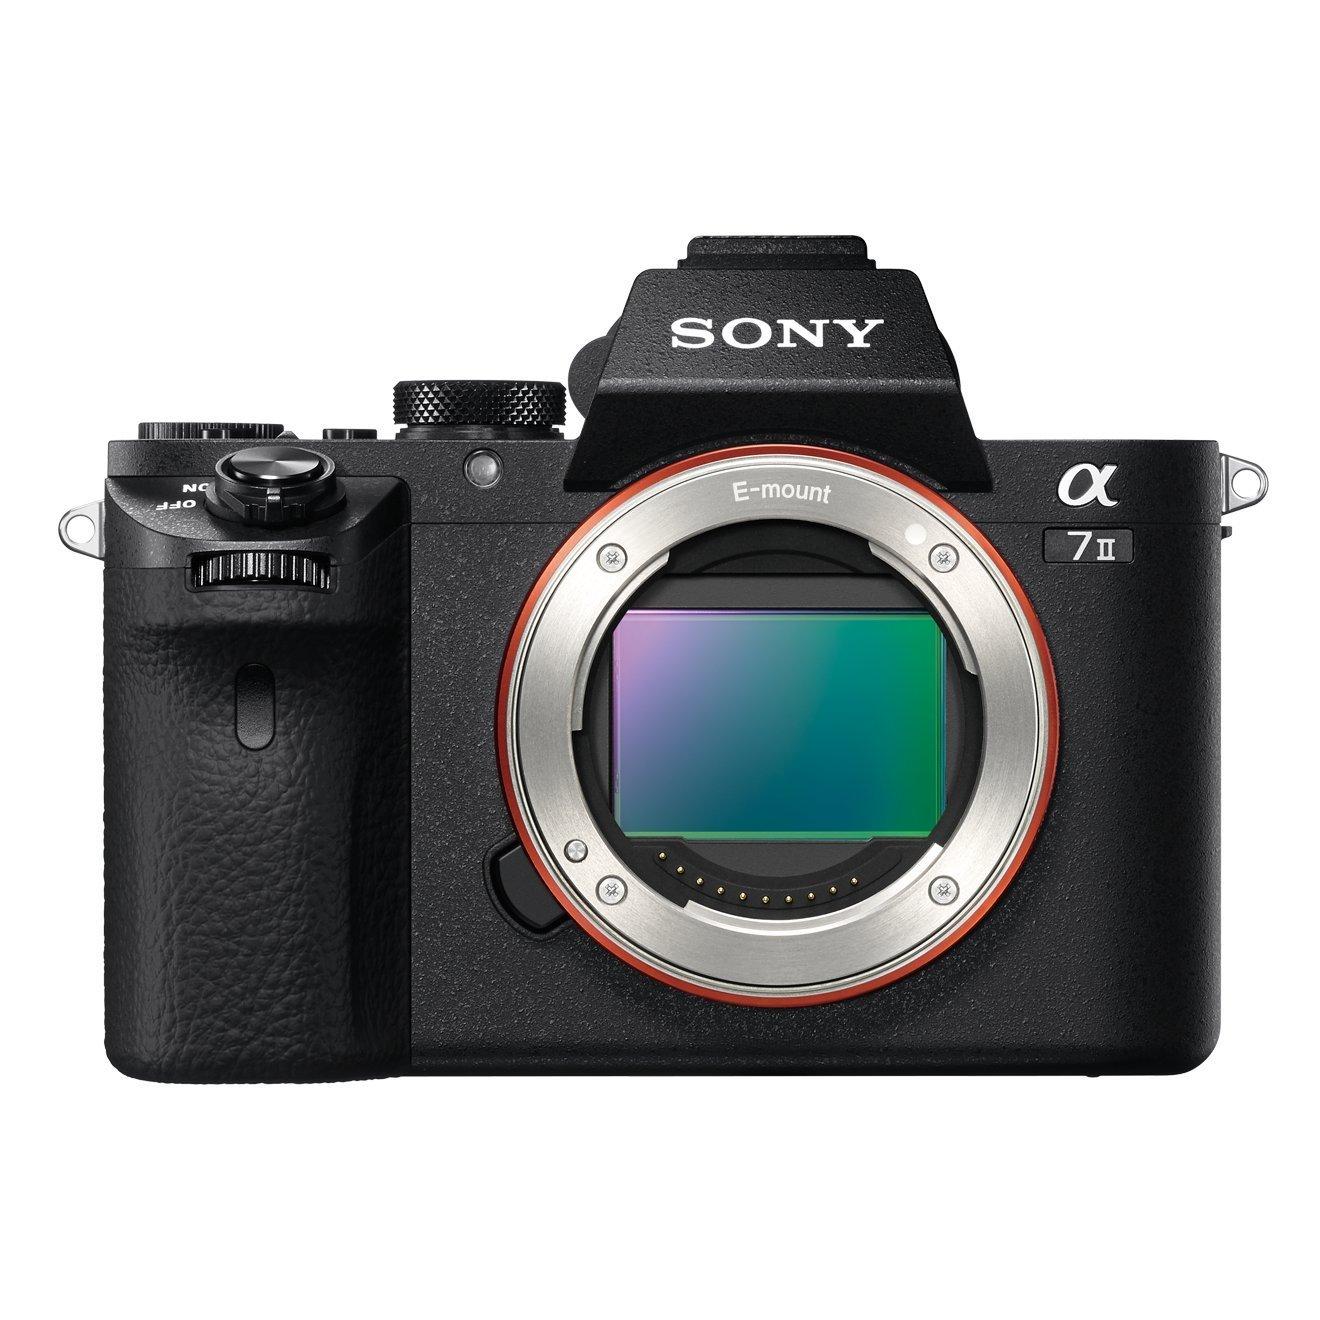 Warum DSLR, wenn DSLMs die Zukunft sind? Sony Alpha 7 II Gehäuse -  Systemkamera mit bildstabilisiertem Vollformat-Sensor [Amazon.de]